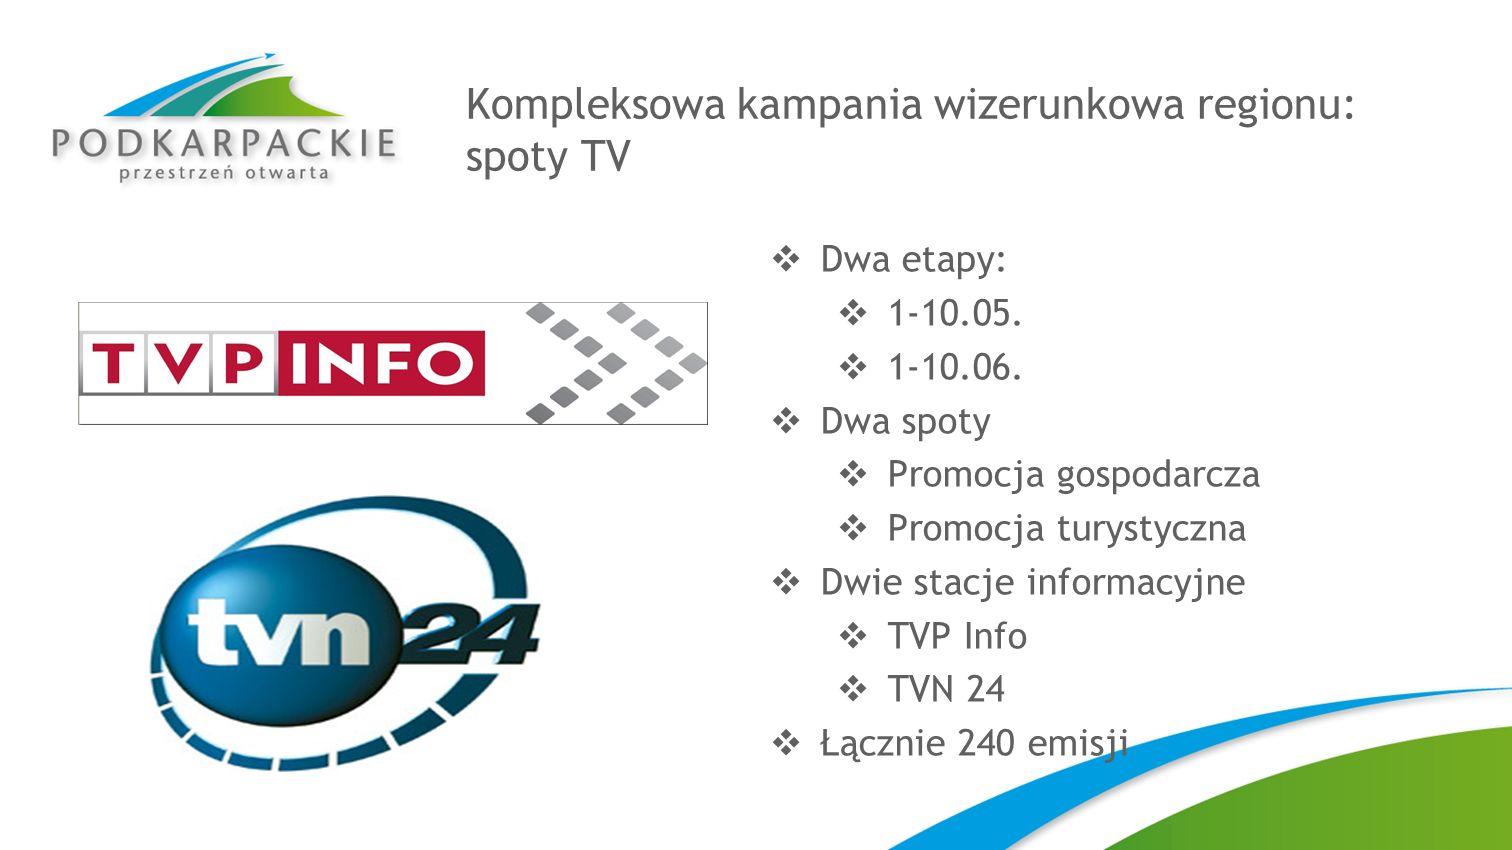 Kompleksowa kampania wizerunkowa regionu: spoty TV